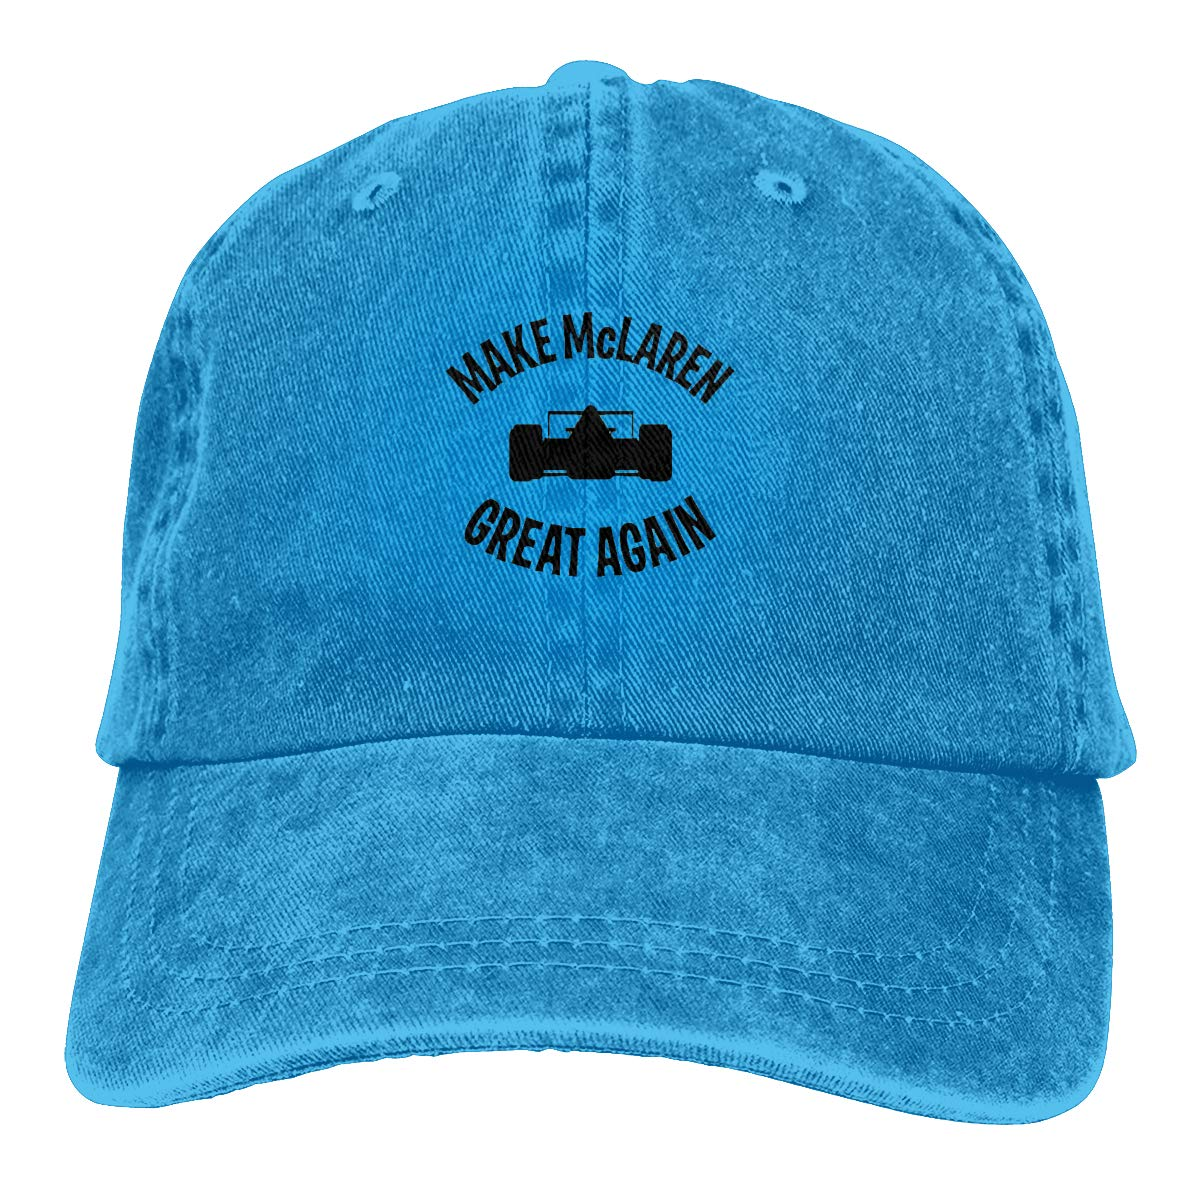 Feeling Unique Make McLaren Great Again Vintage Jeans Baseball Cap Classic Cotton Dad Hat Adjustable Plain Cap Black